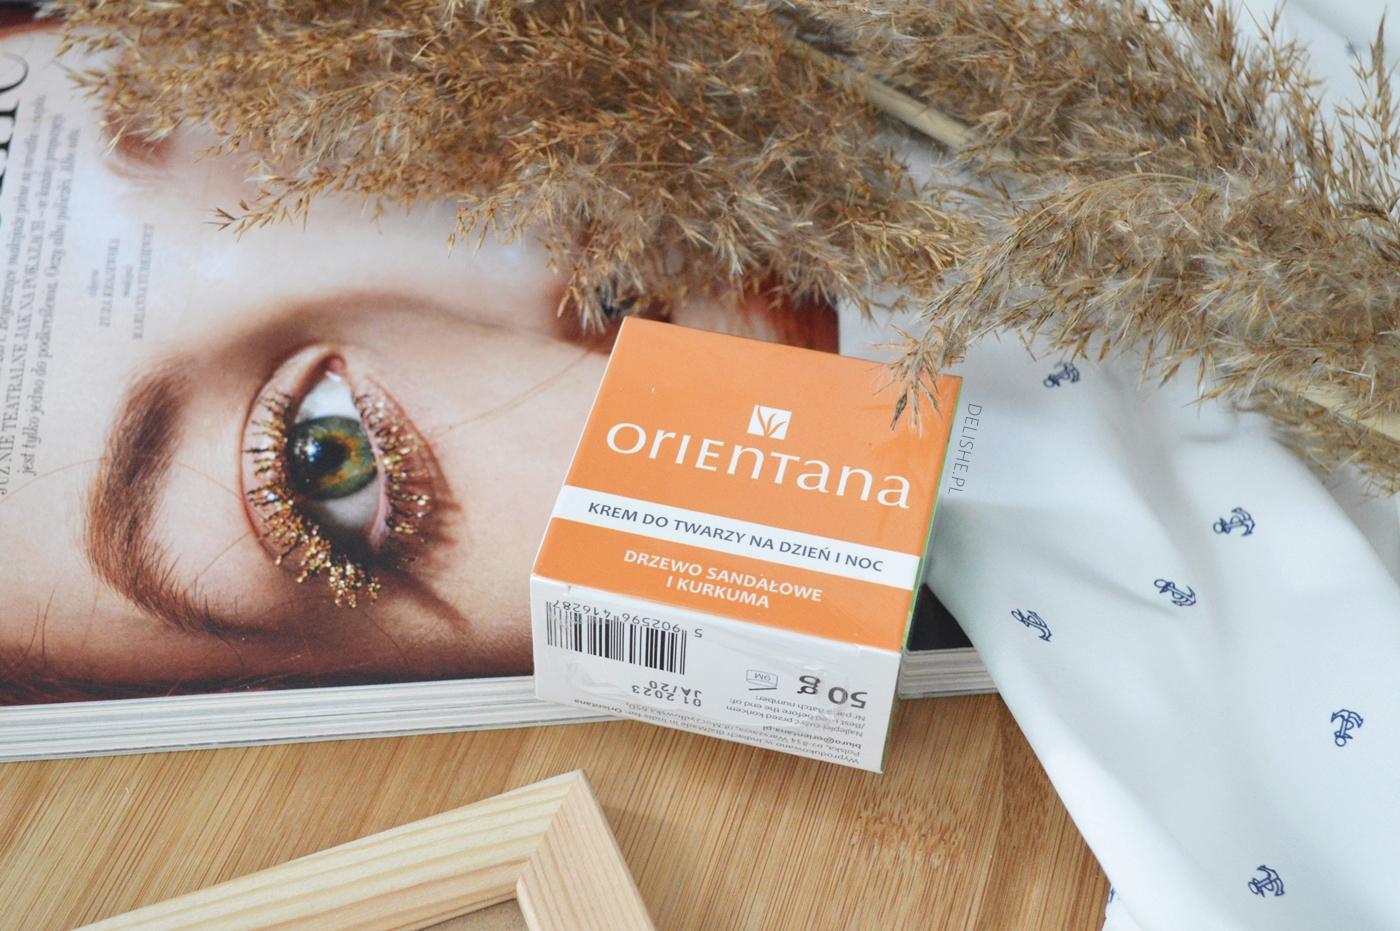 zakupy kosmetyczne blog orientana drzewo sandałowe kurkuma